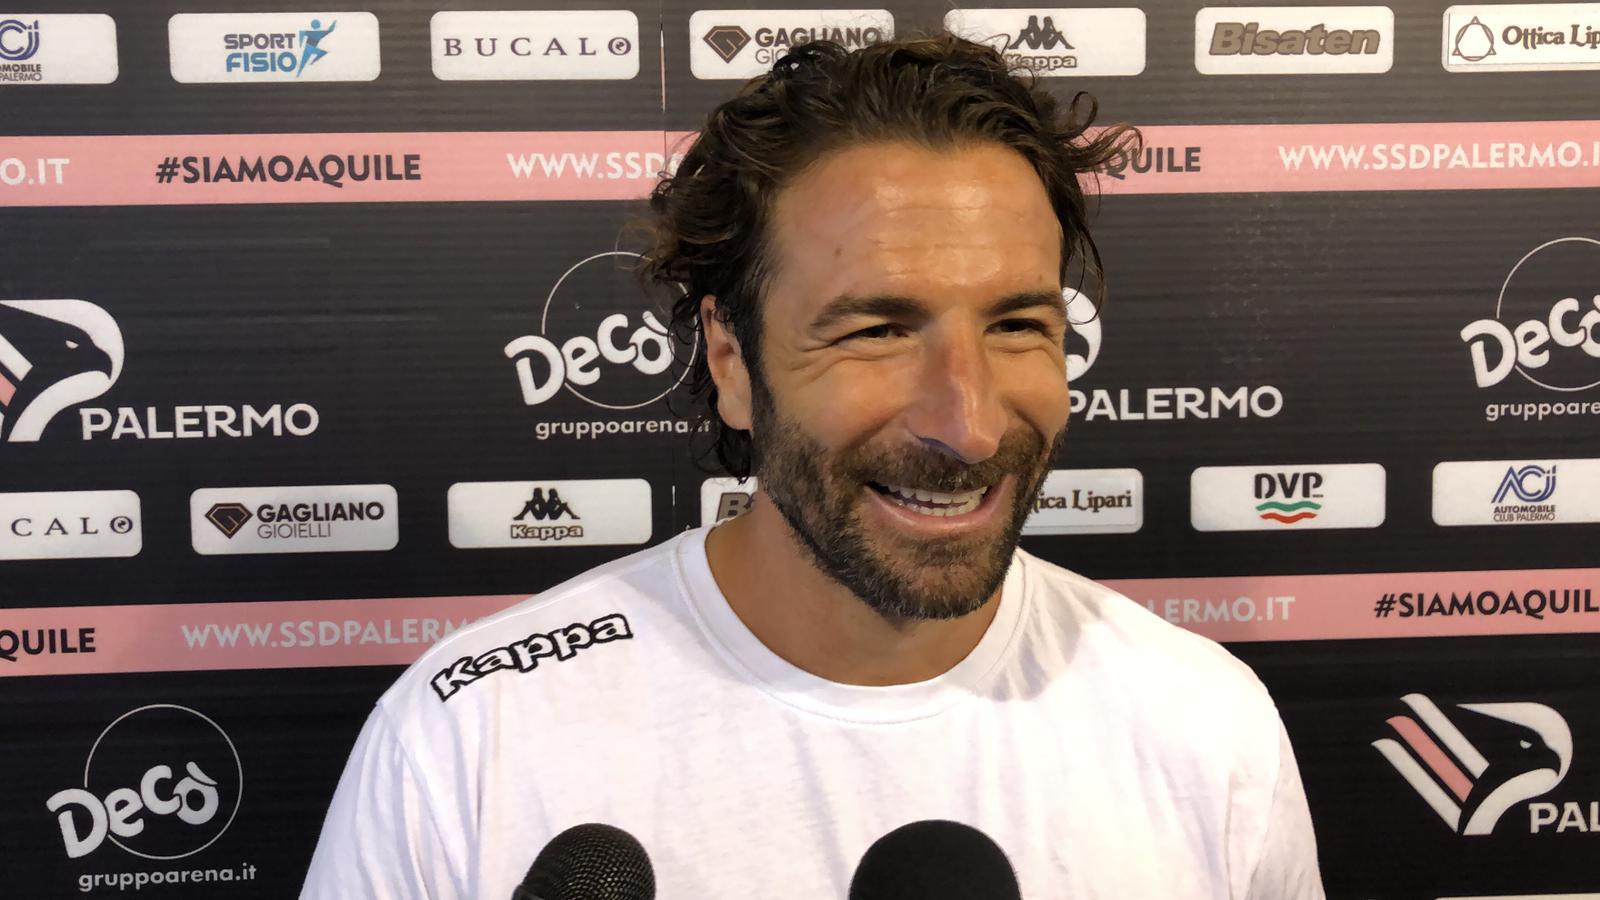 """Gli sono bastati solo pochi secondi per segnare il primo gol con la maglia del Palermo. Nando Sforzini si è sbloccato contro la Cittanovese e nel dopopartita ha commentato la bella vittoria dei rosa e la sua prestazione. """"È stato un bell'esordio in casa – afferma – . Sono contento per il risultato rotondo, peccato per il gol subito. Sono entrato con concentrazione. La sensazione è che ogni volta che acceleriamo possa succedere qualcosa"""". """"L'assist di Felici? Lui è un valore aggiunto – continua – lo ringrazio. Niente esultanza? Ero concentrato, ci tenevo a far bene. Adesso bisogna focalizzarsi sulla"""